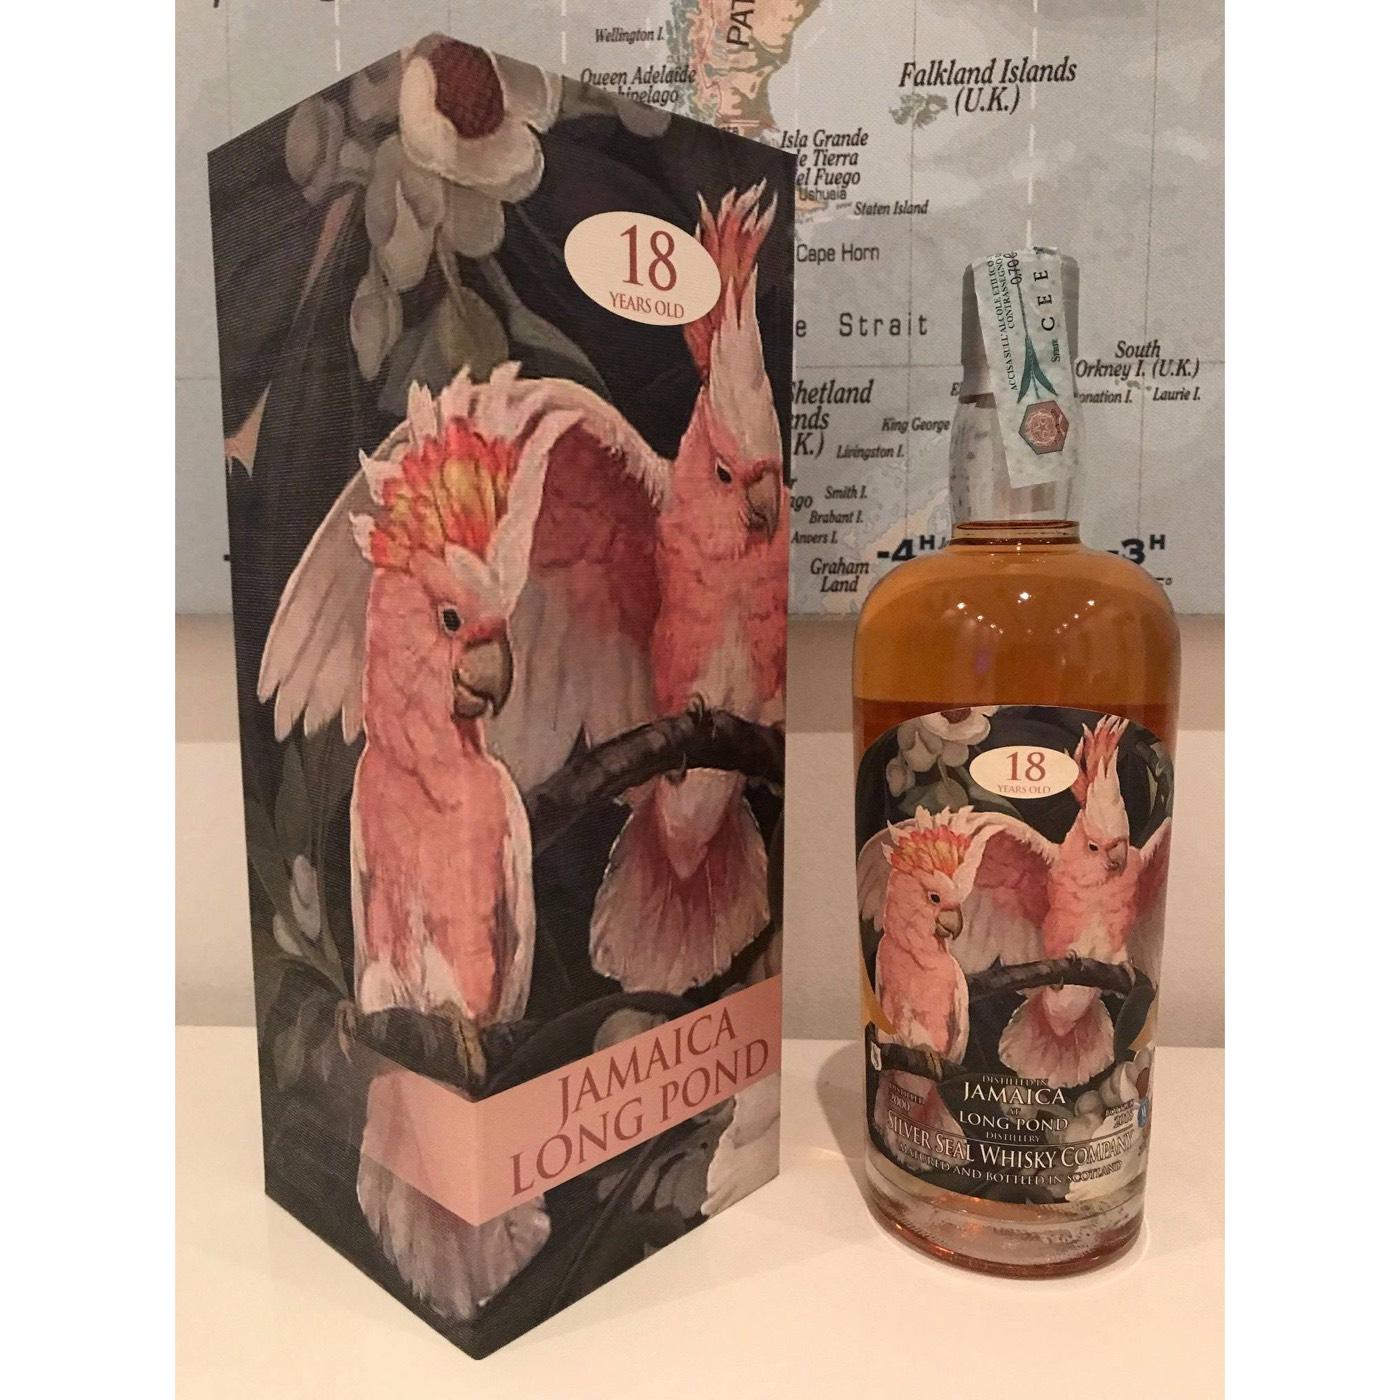 Bottle image of 2000